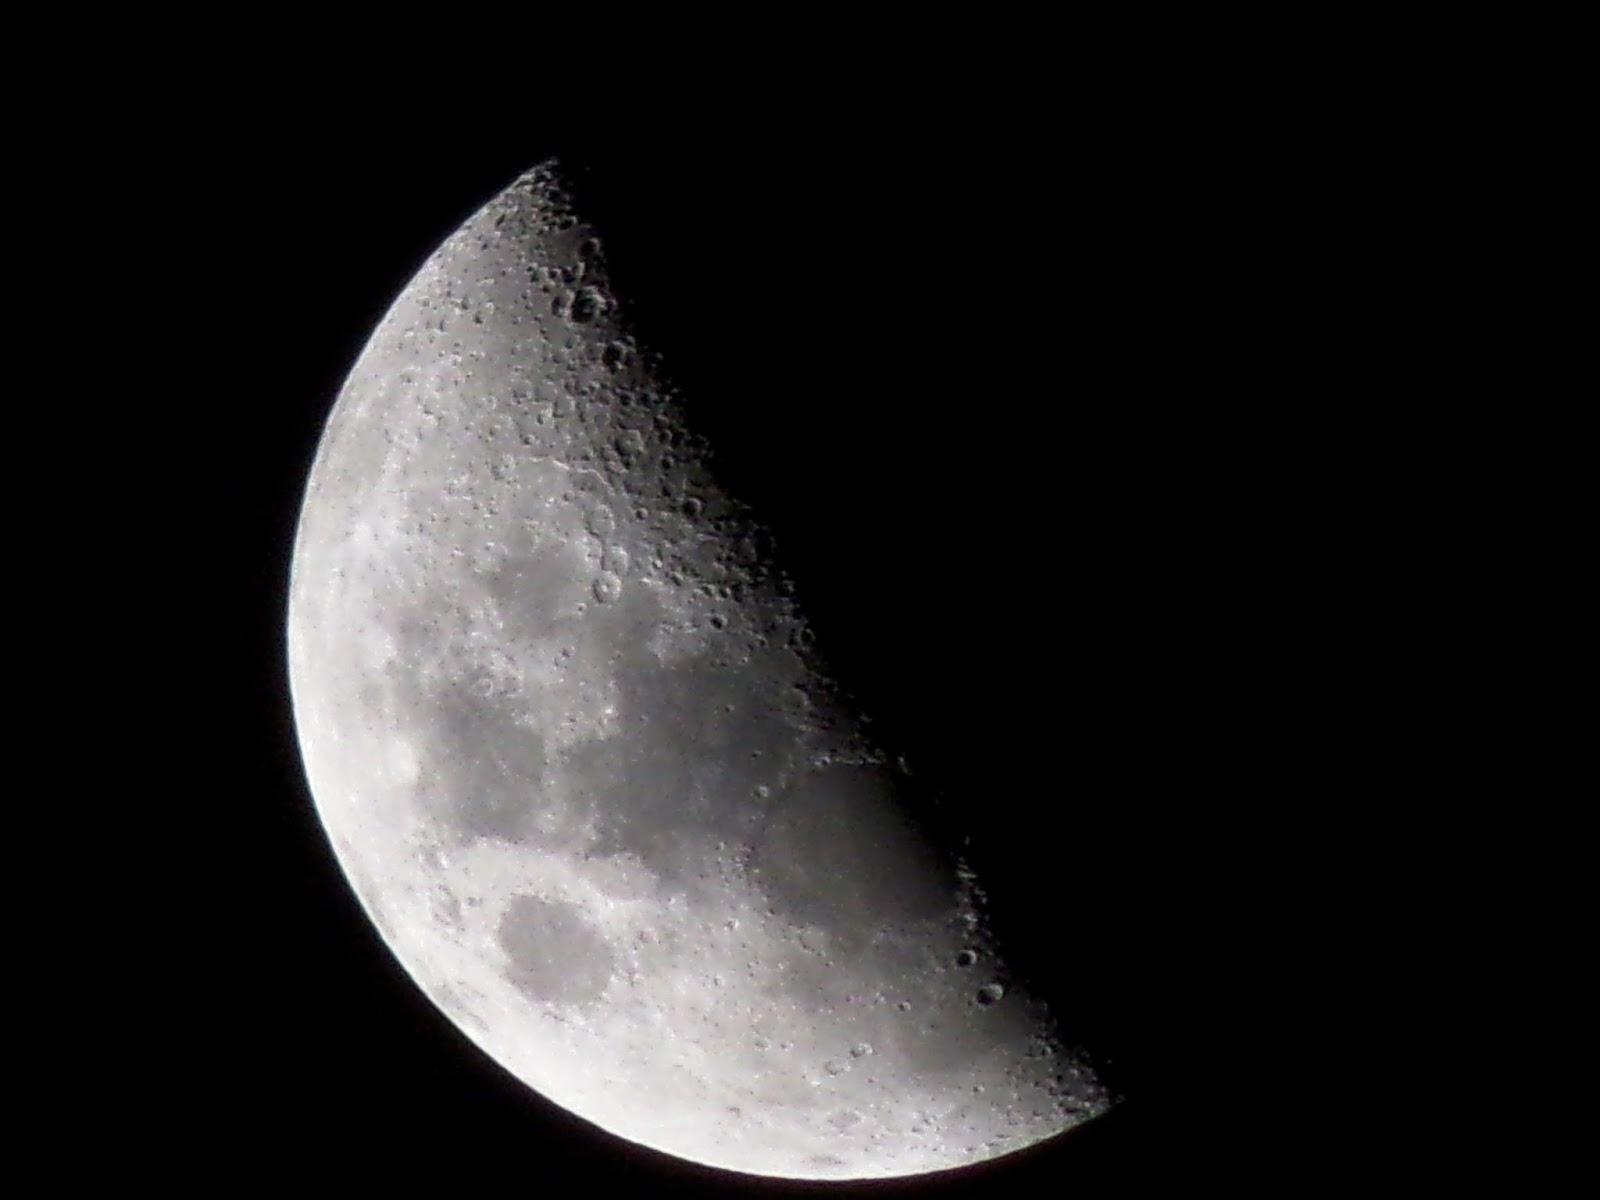 Genial cuarto menguante im genes fases de la luna mas for Cuarto menguante de la luna